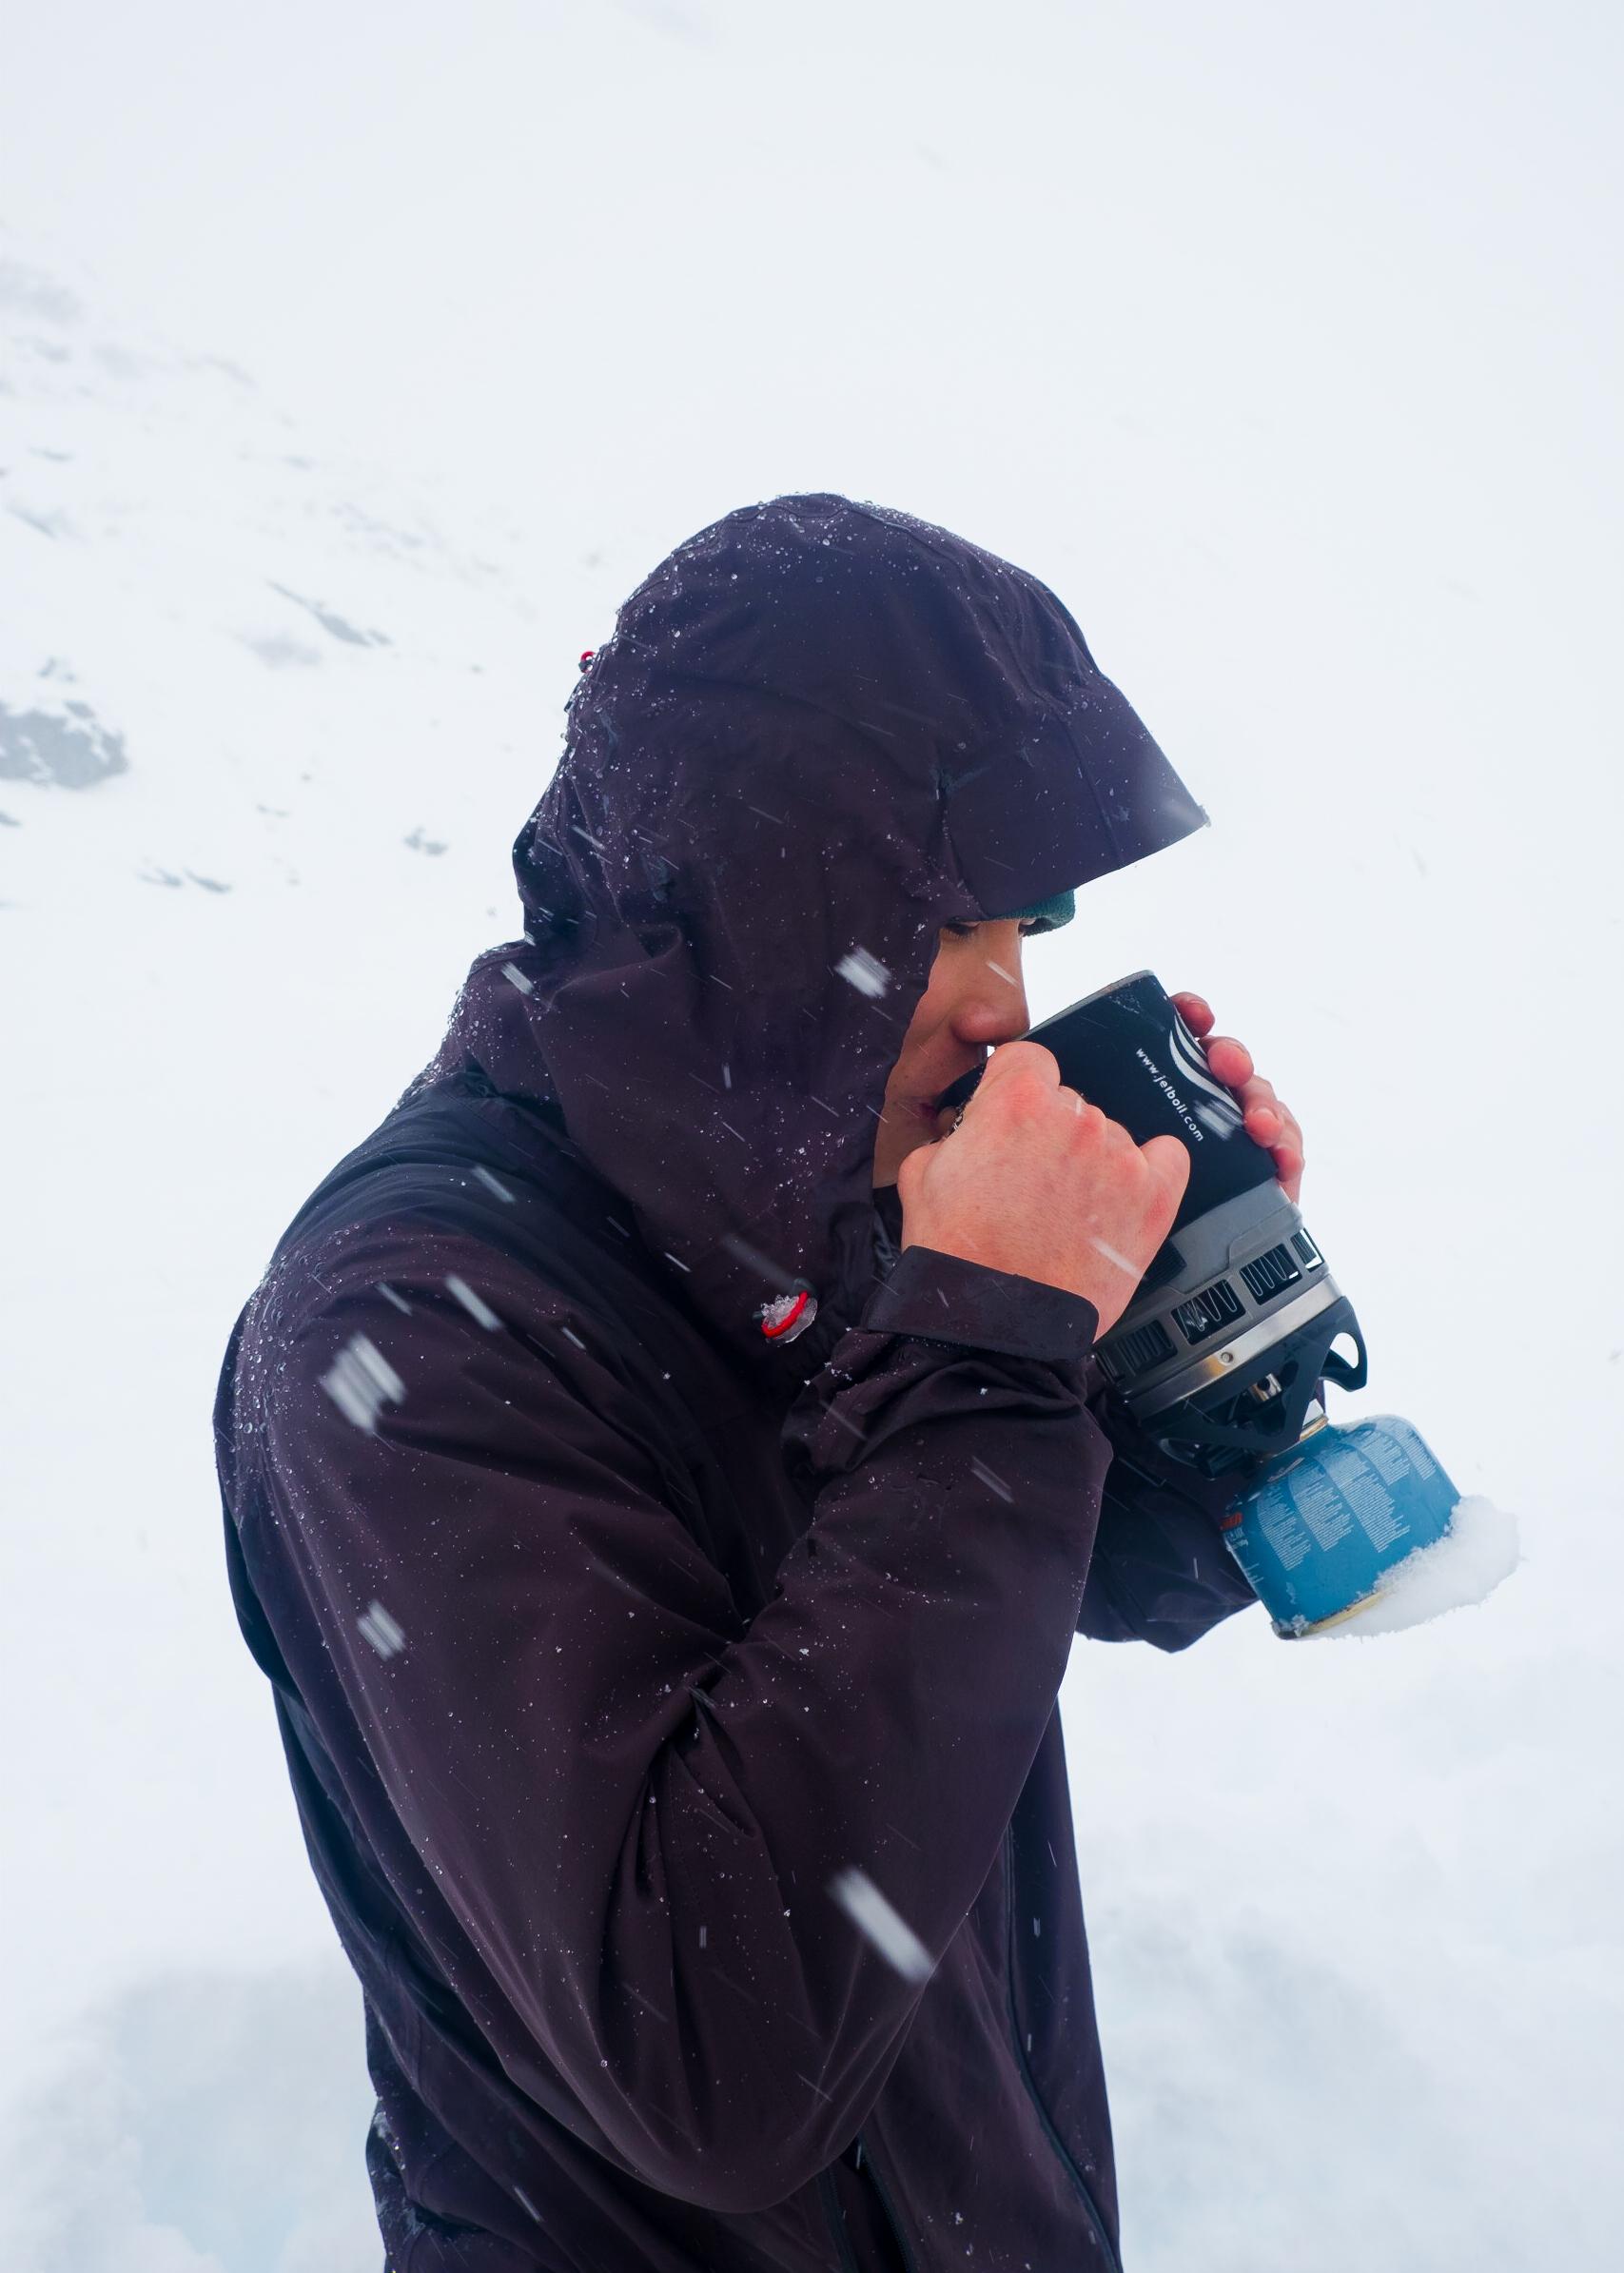 portage glacier-4500.jpg